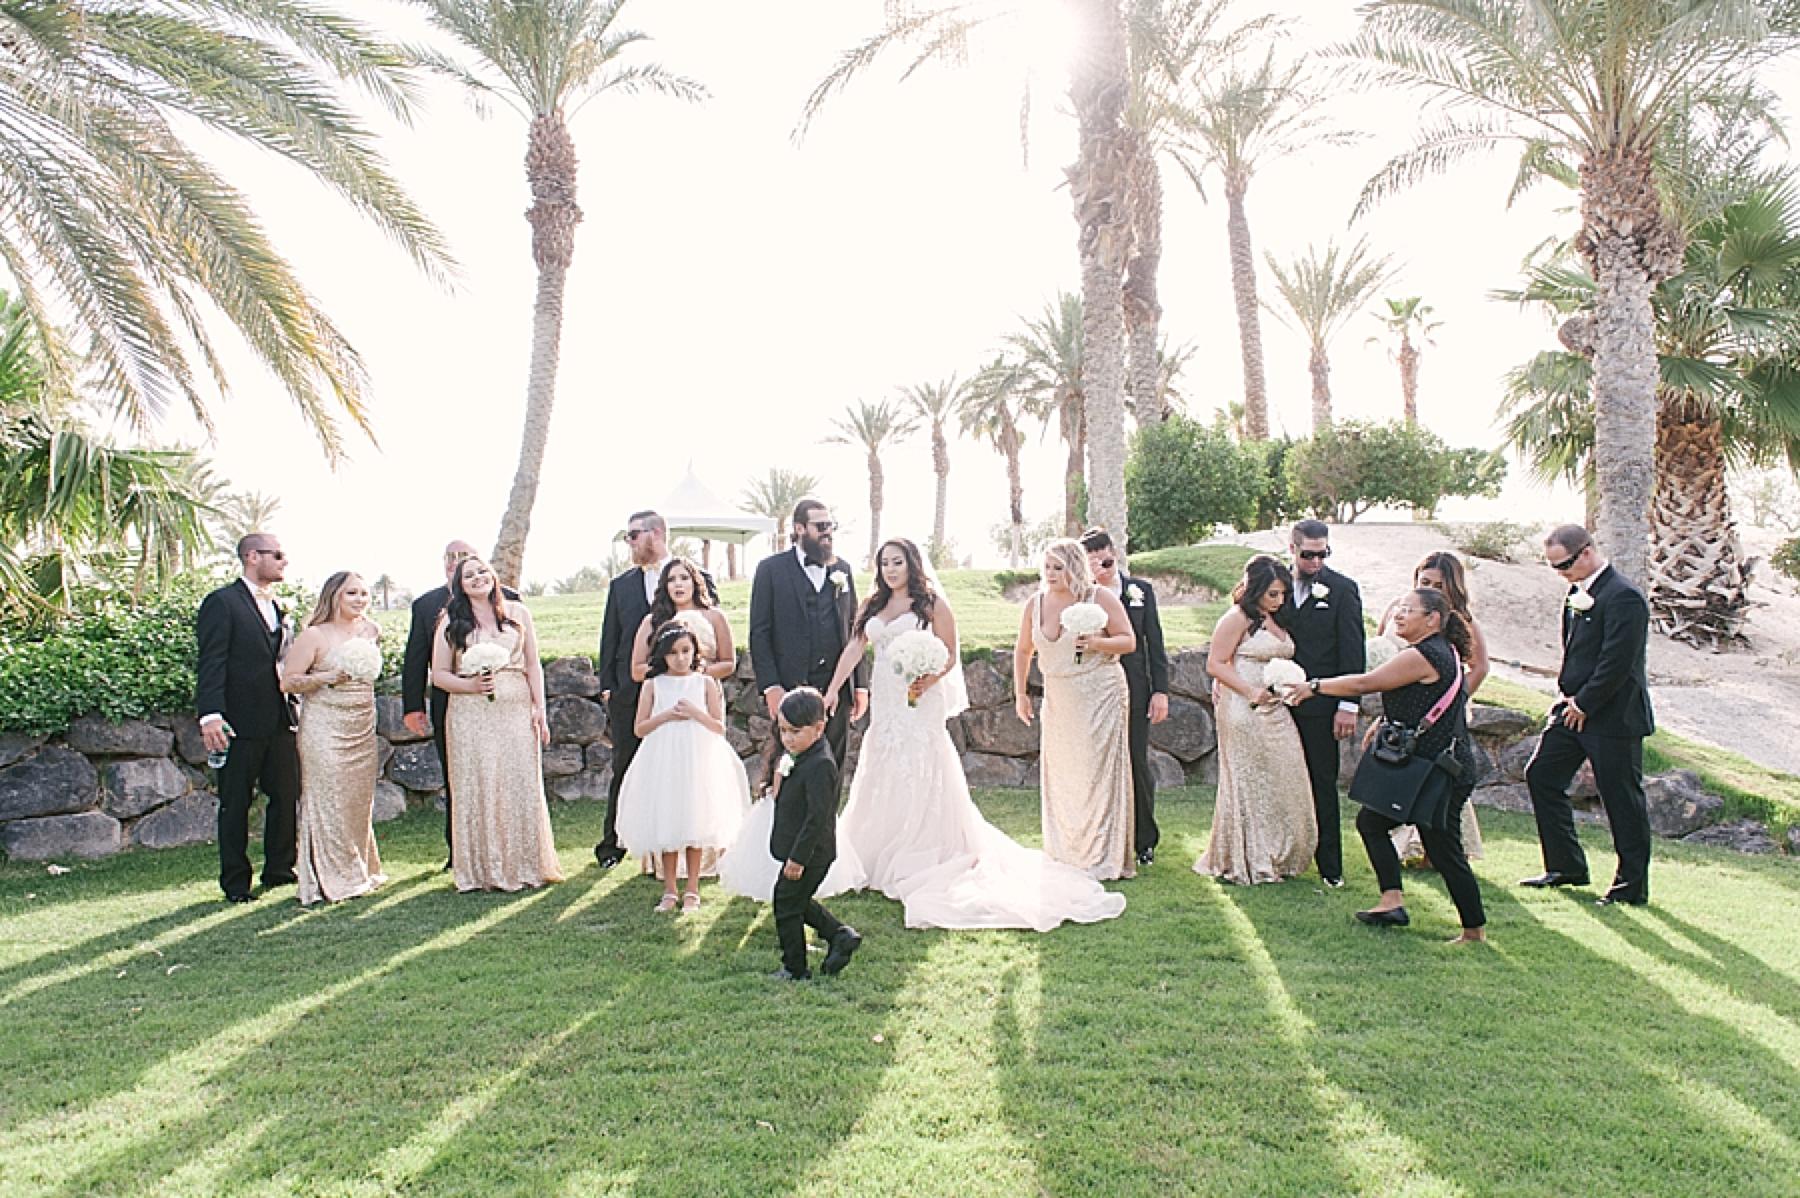 las_vegas_wedding_photographers_behind_the_scenes-04-5.jpg